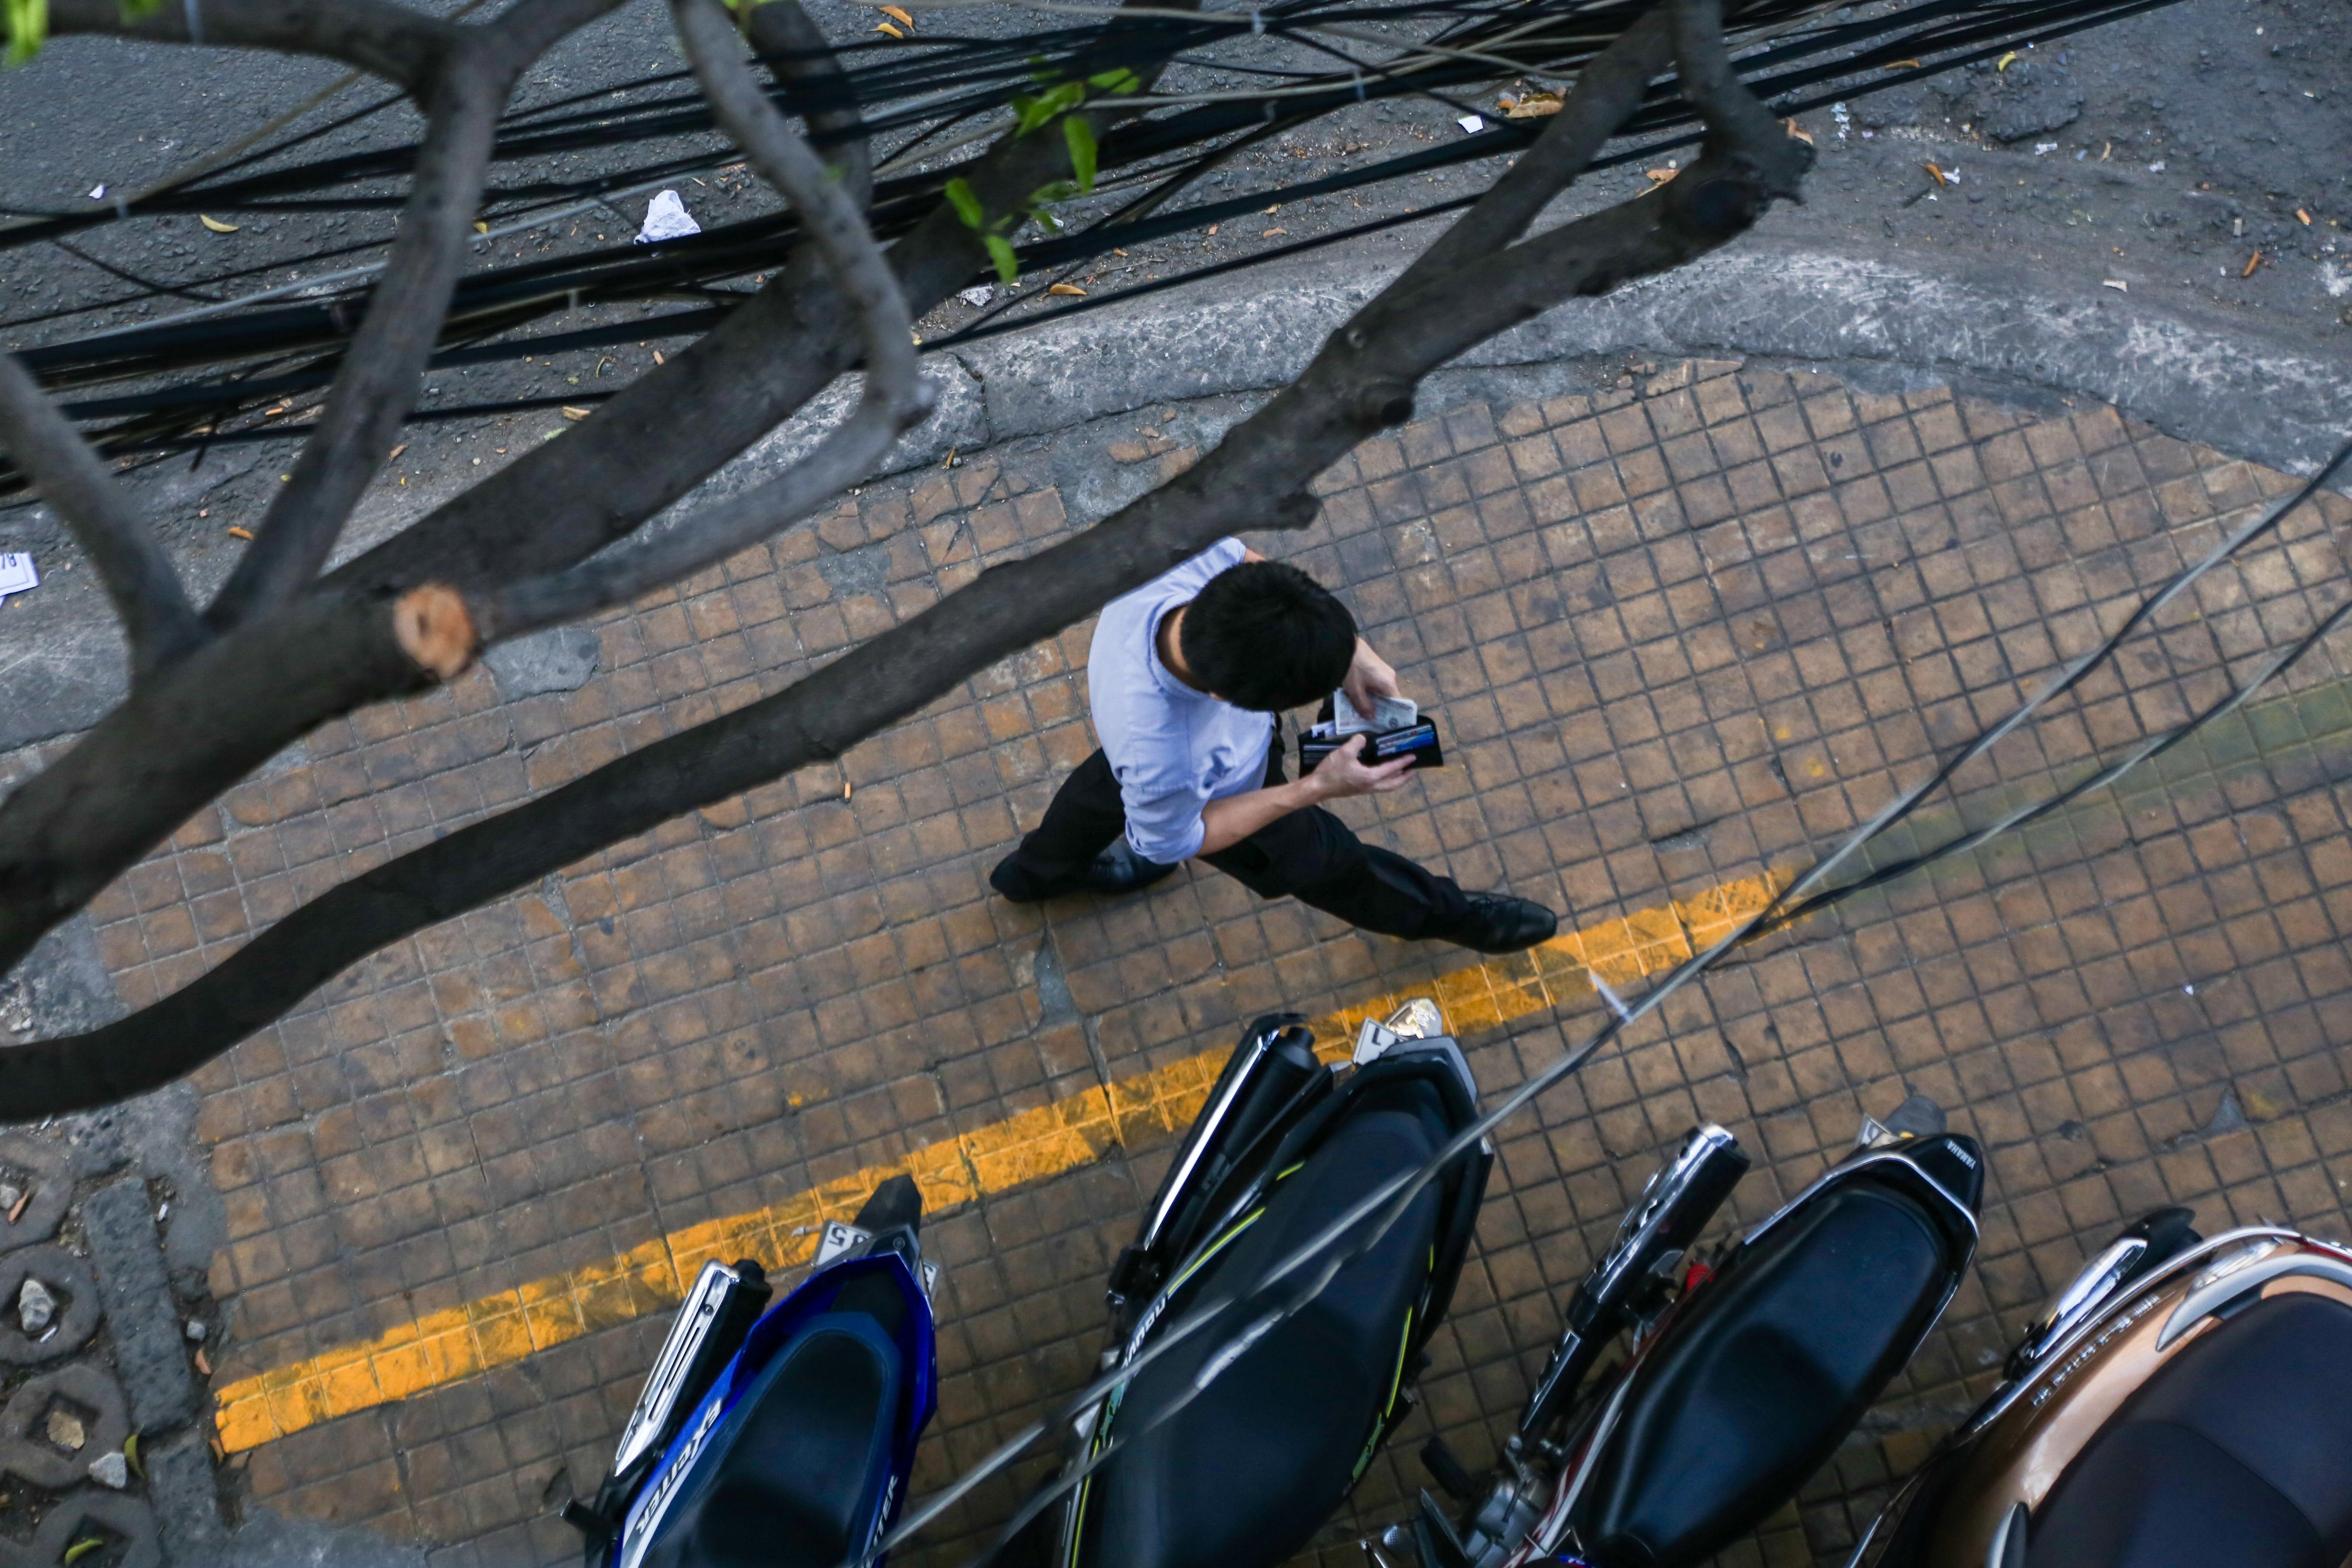 Vỉa hè Sài Gòn sau khi được phân chia bằng vạch kẻ: Người đi bộ thoải mái, dân buôn bán hài lòng - Ảnh 3.